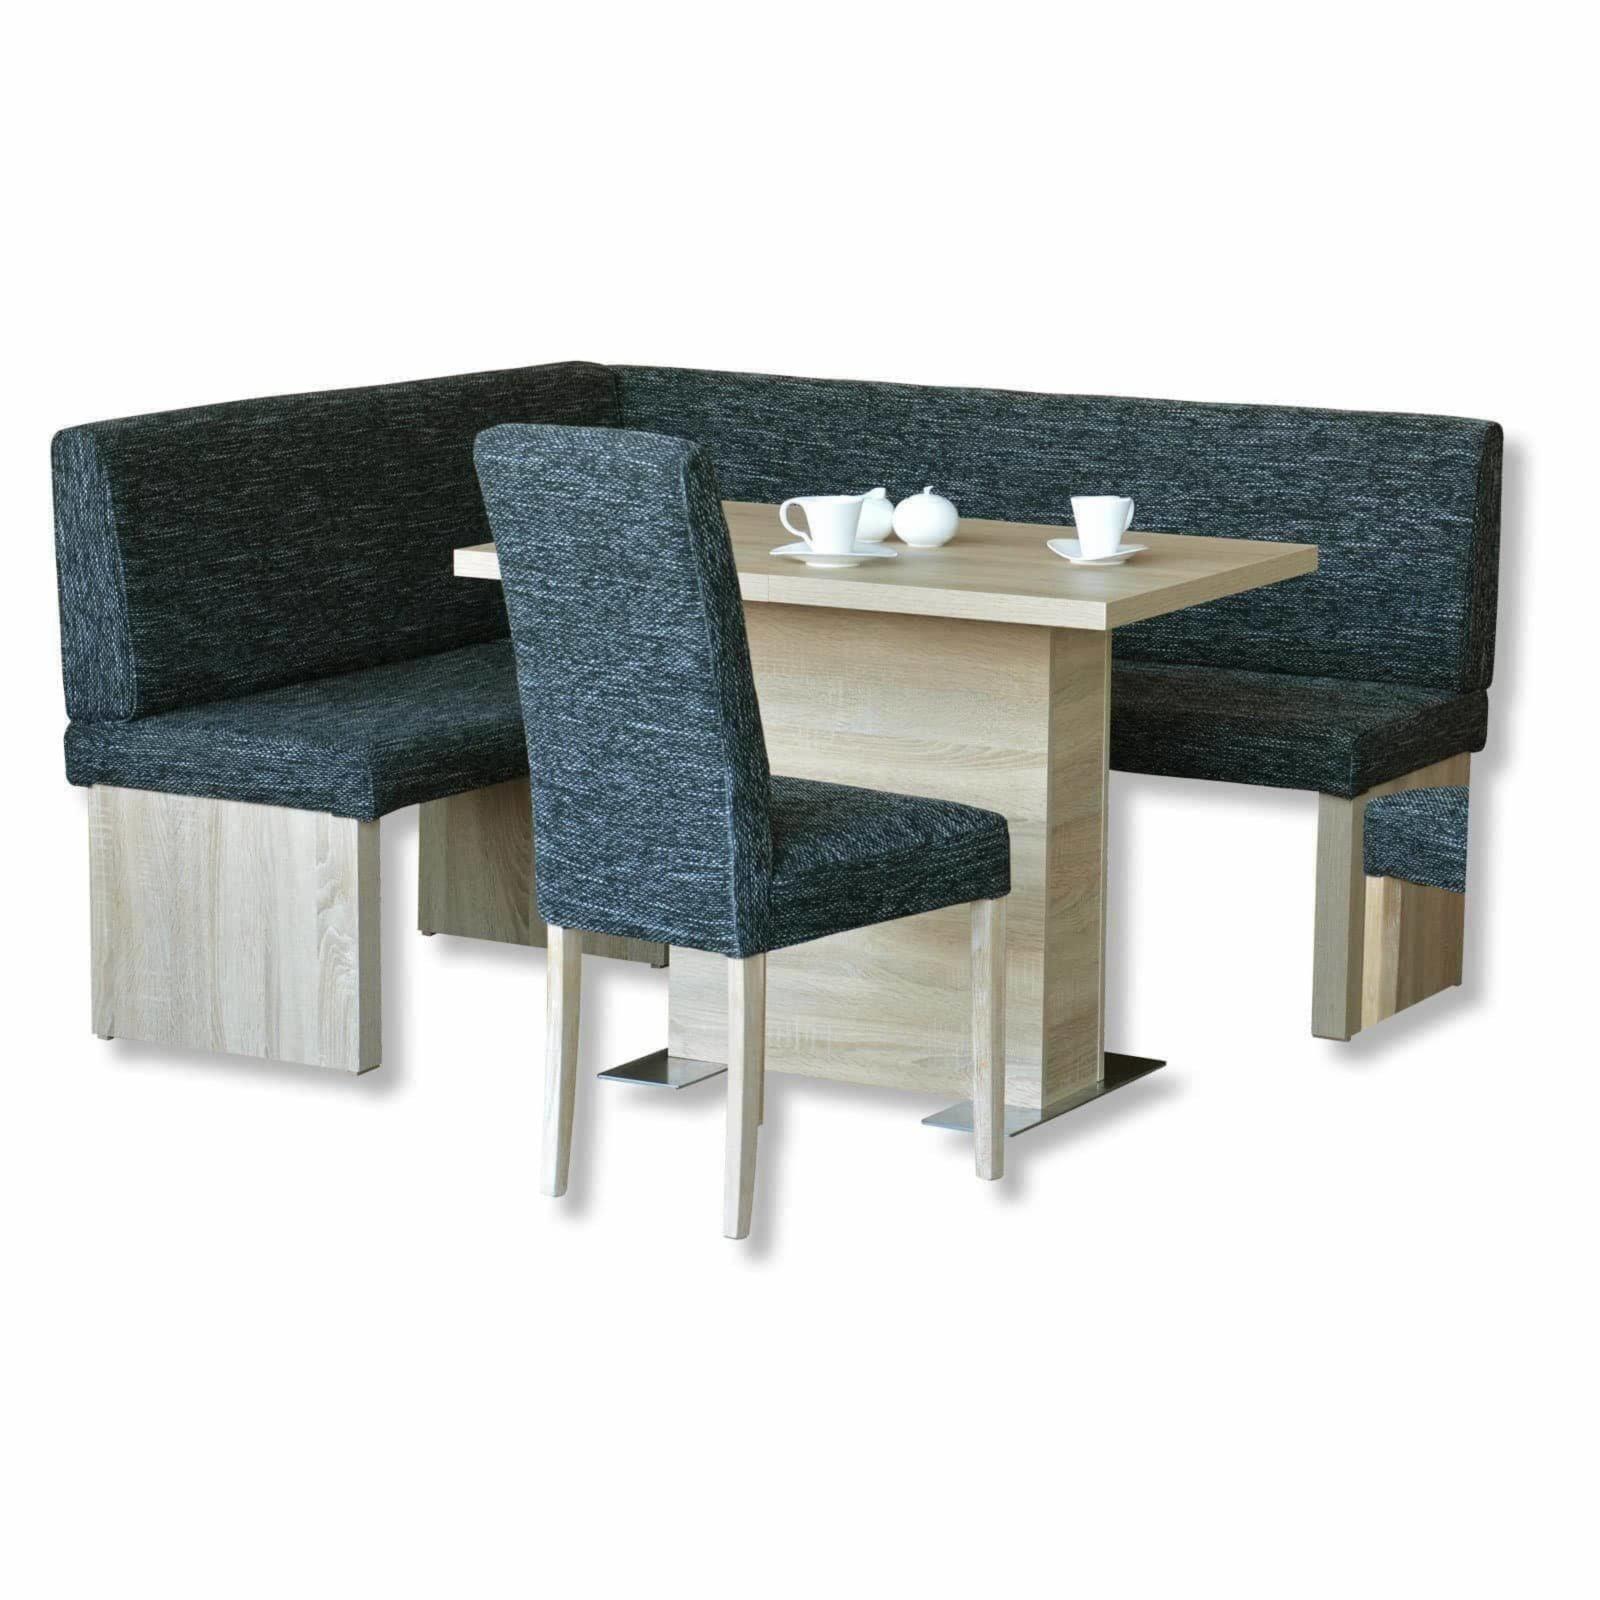 Sitzbänke & Eckbänke günstig im ROLLER Online-Shop bestellen